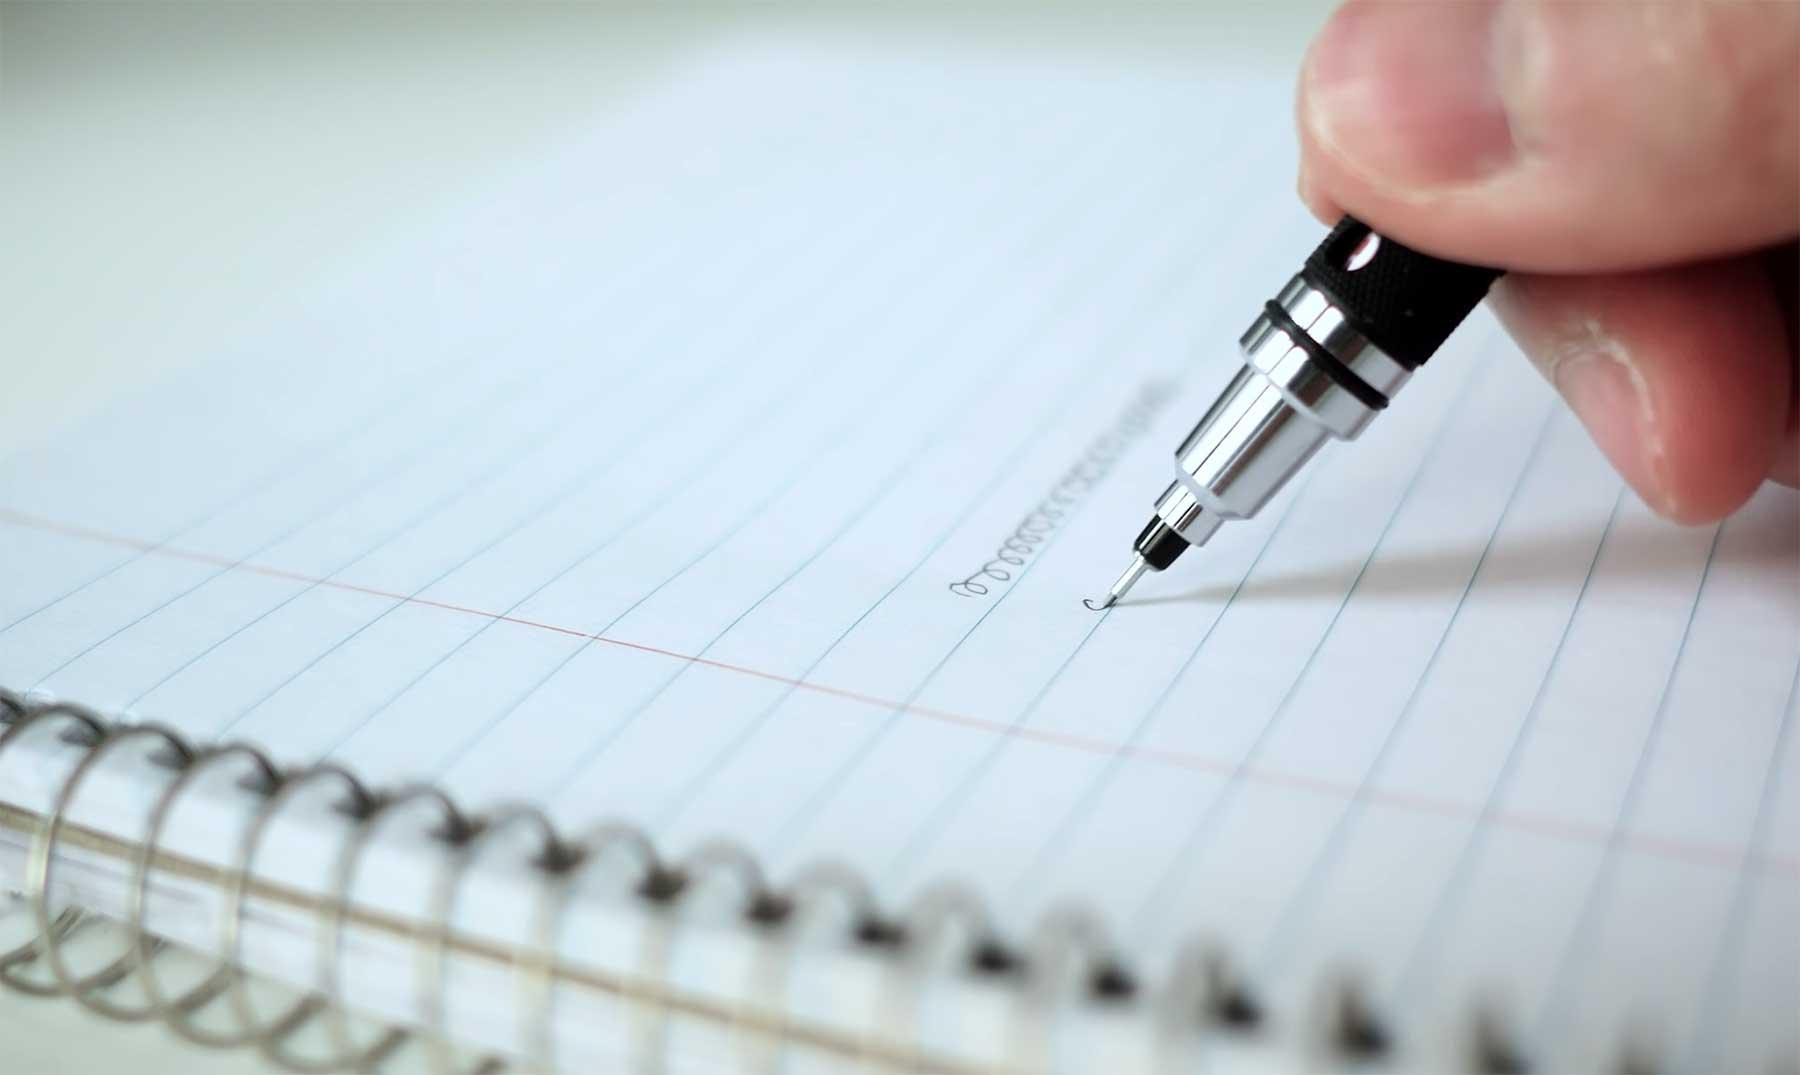 Dieser Bleistift dreht sich beim Schreiben